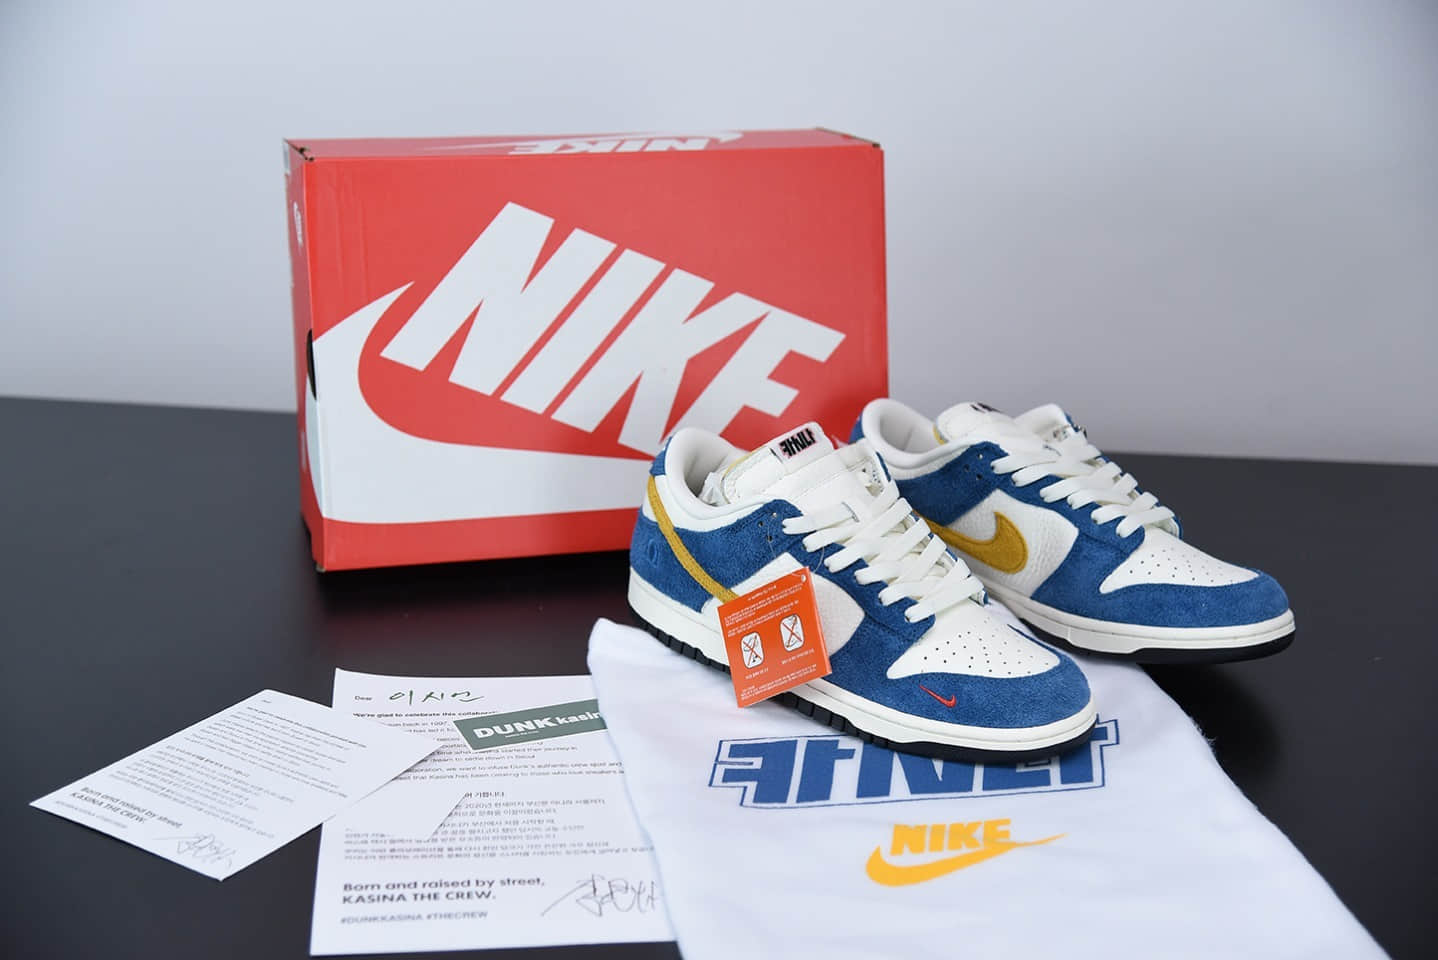 耐克Kasina x Nike SB Dunk Low韩国限定釜山行低帮休闲鞋纯原版本 货号:CZ6501-100